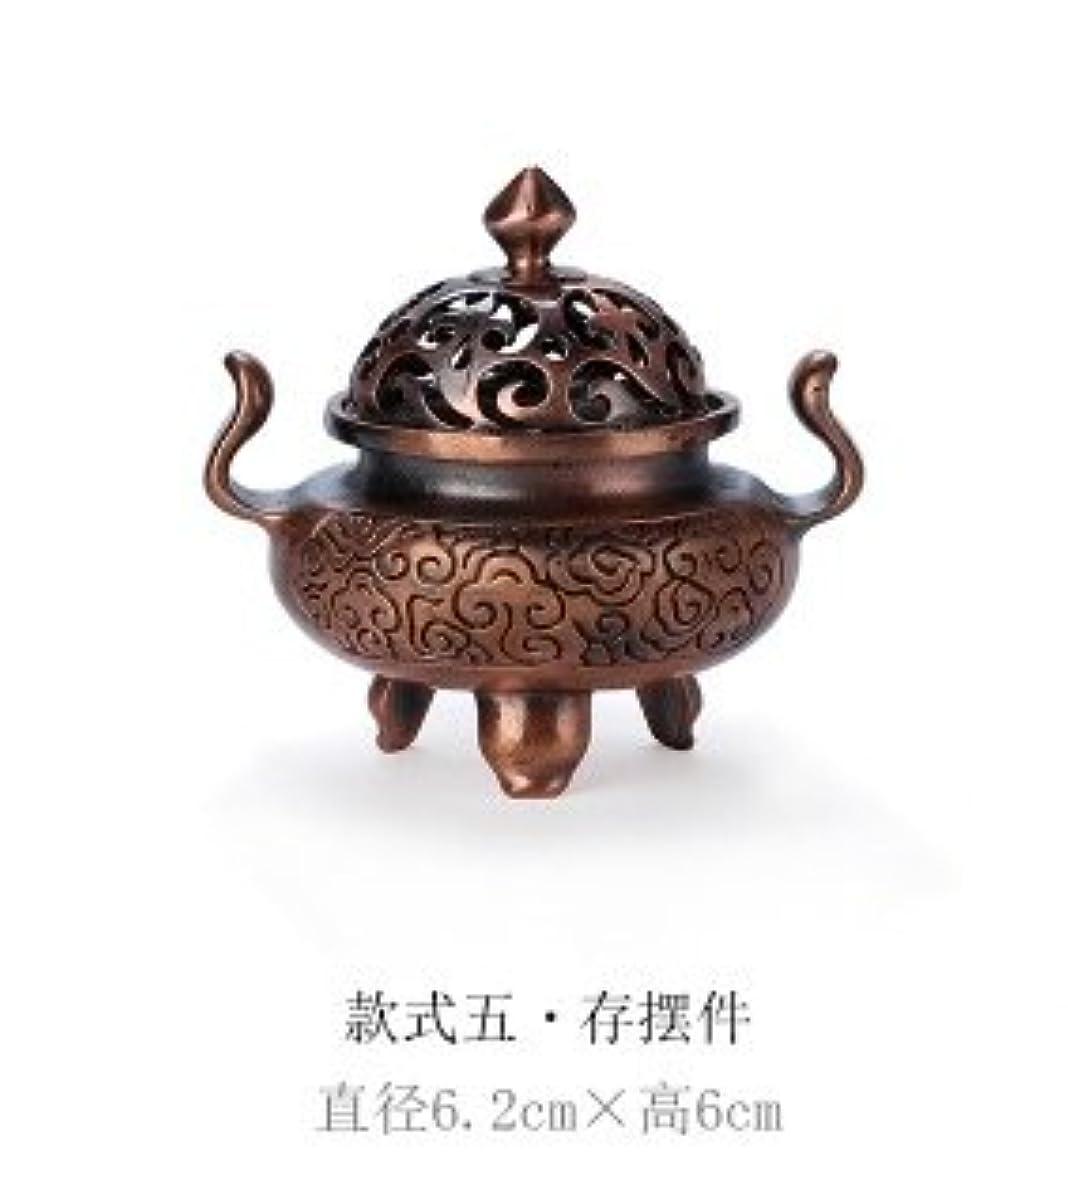 不正人里離れた十年金属镂空檀香香炉 功夫茶具 アクセサリー茶装飾 线香香炉 (銅色)